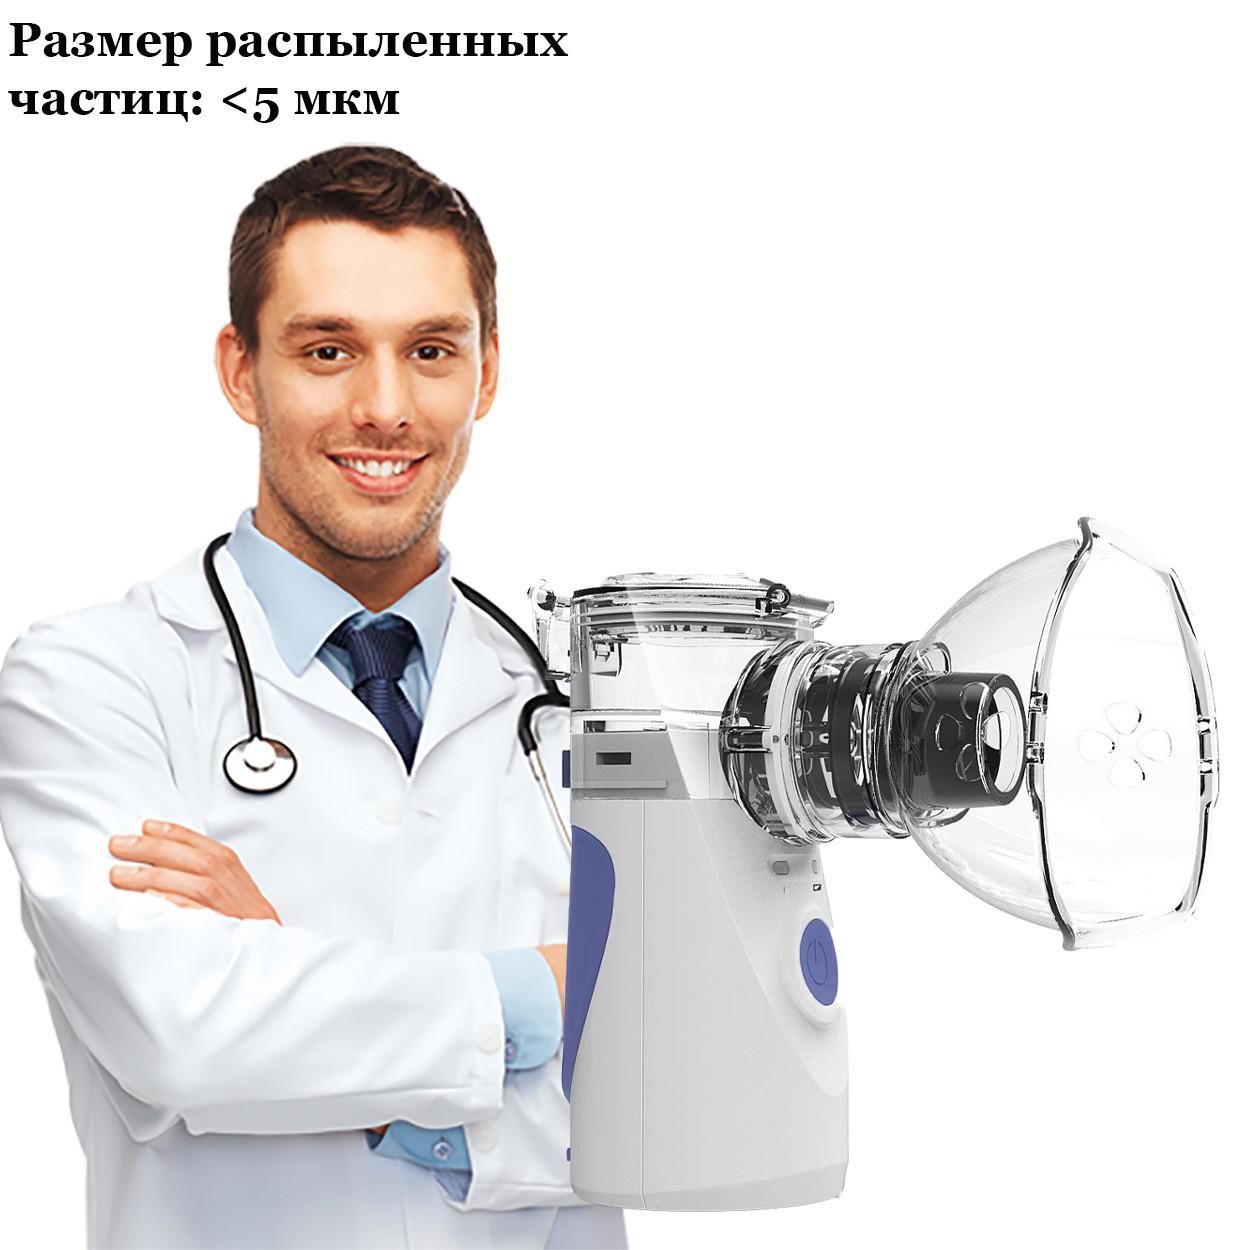 Небулайзер для детей и взрослых Doc-team Mesh ингалятор небулайзер ультразвуковой небулайзер мембранный